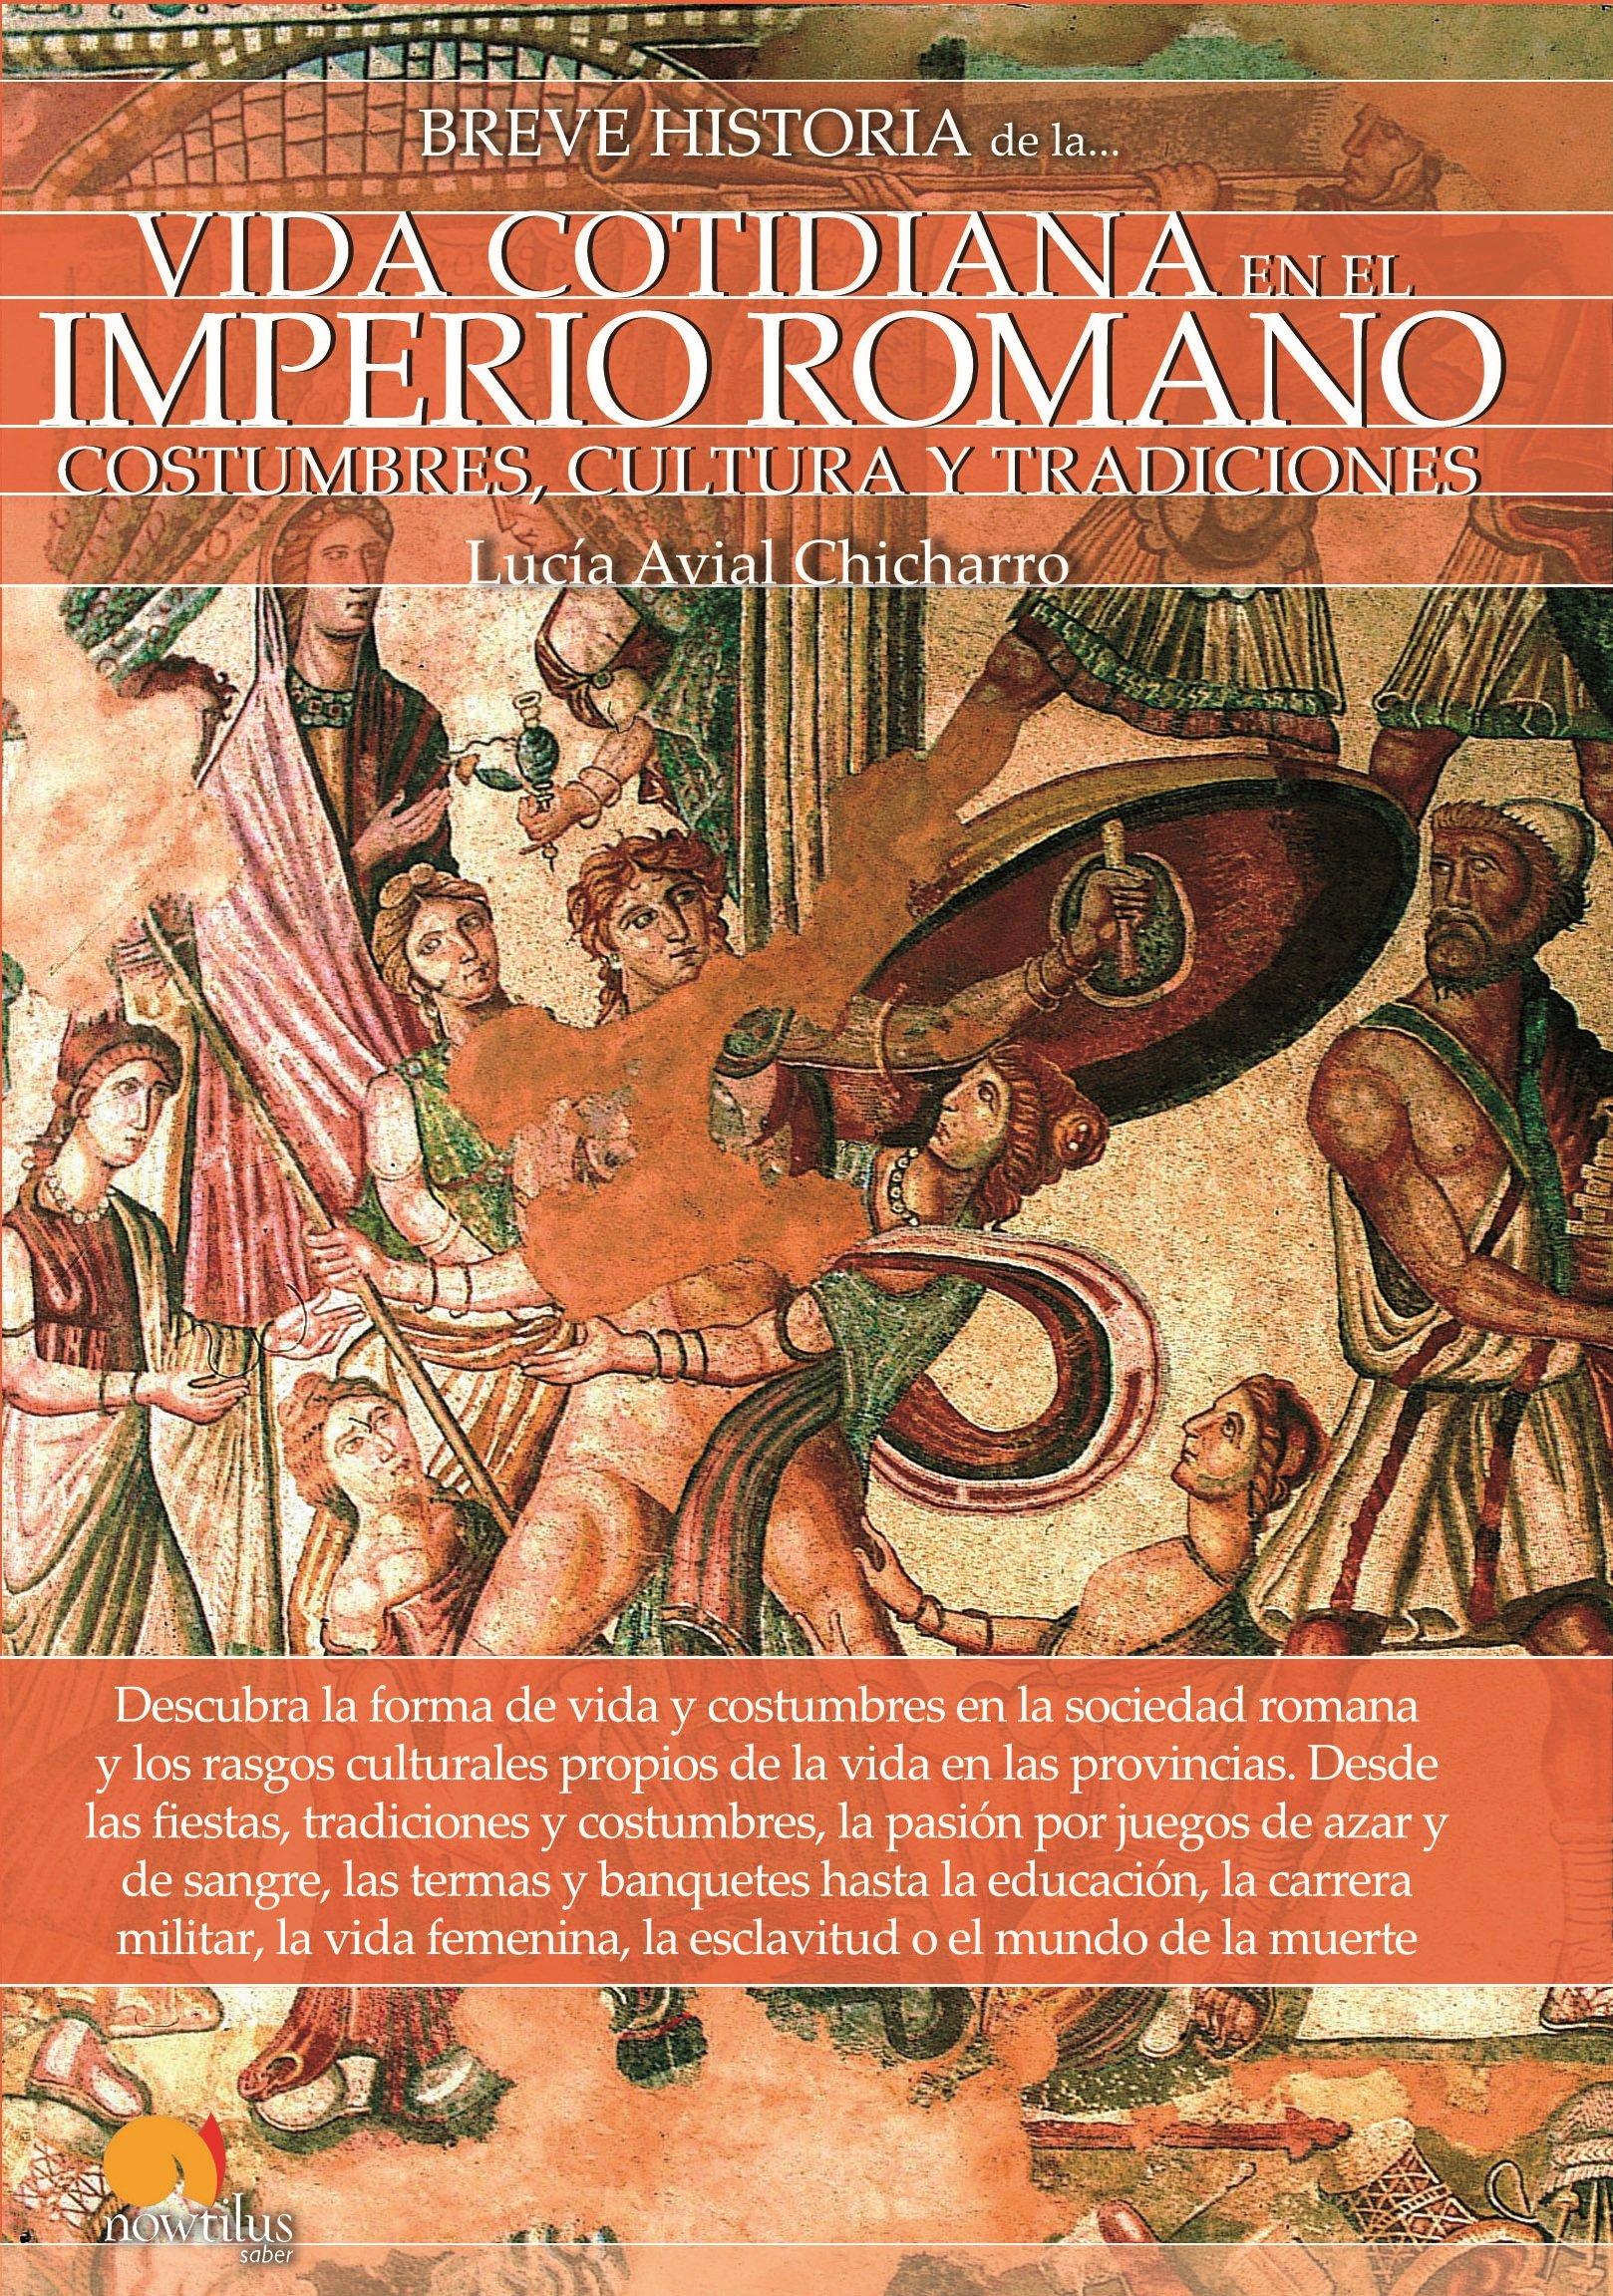 Breve historia de la vida cotidiana del Imperio Romano: Amazon.es: Avial Chicharro, Lucía: Libros